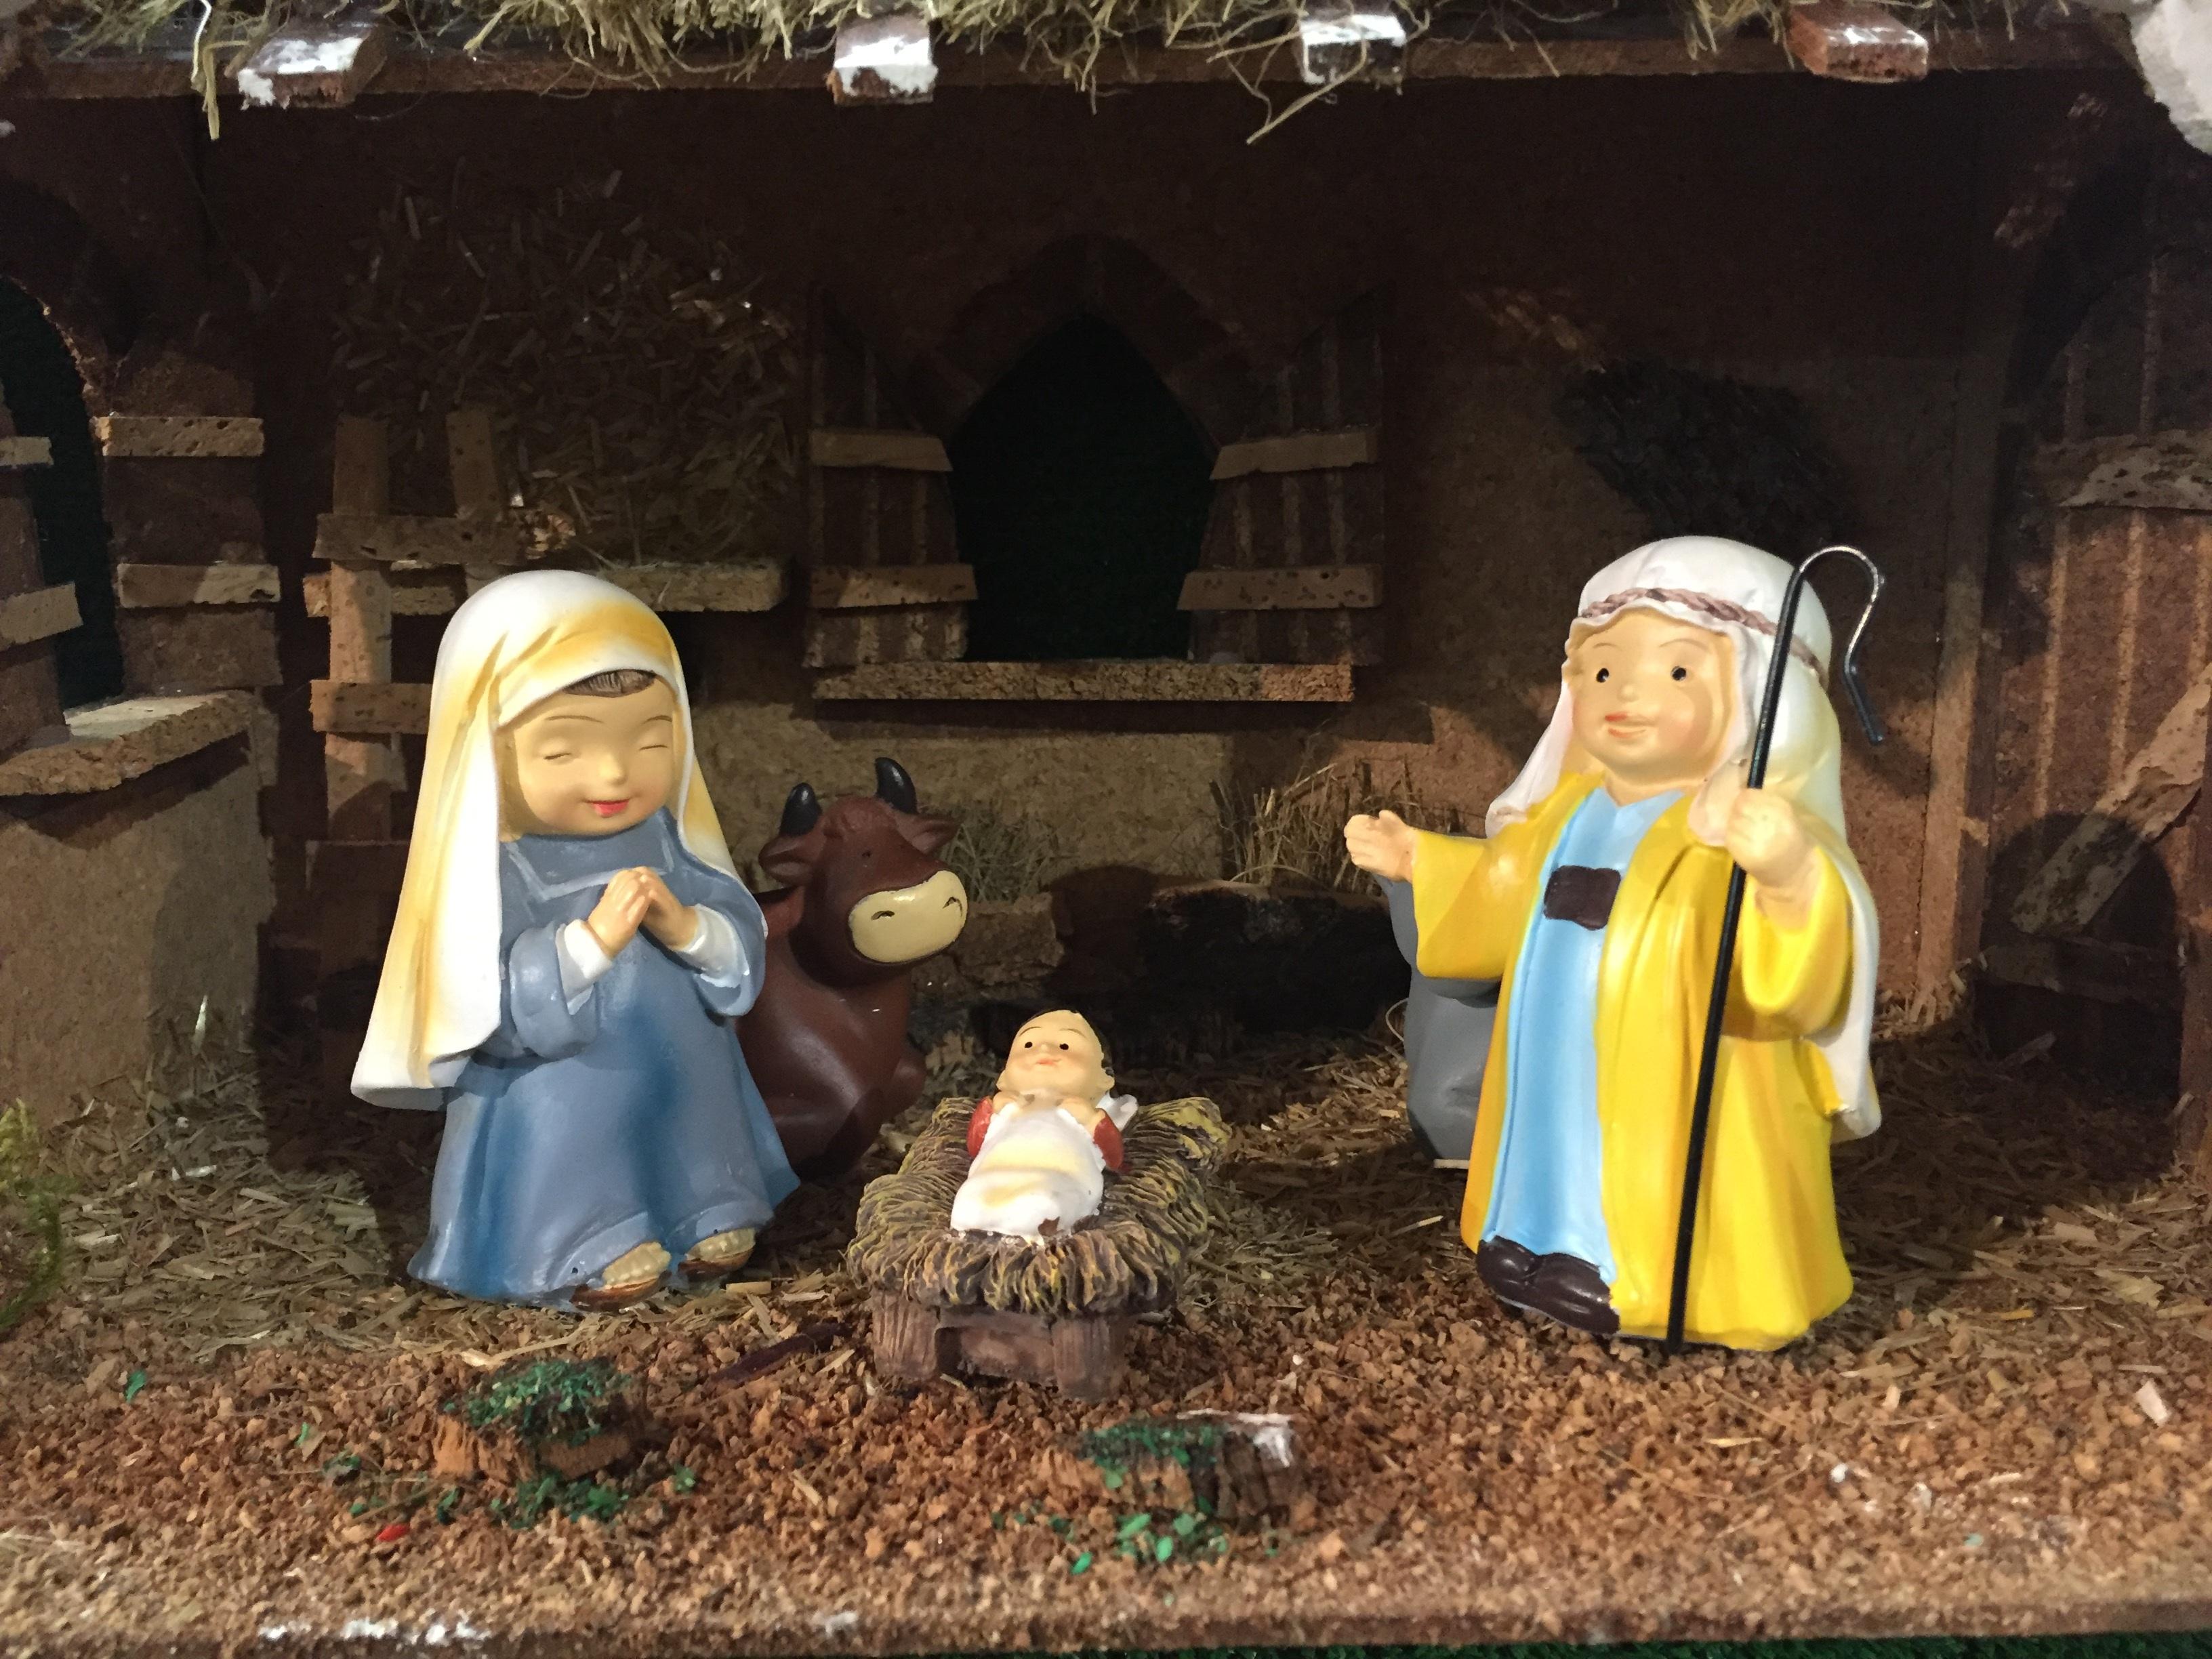 Images gratuites d cor d coration de no l christ maria j sus coin chiffres de la cr che - Images creches de noel gratuites ...